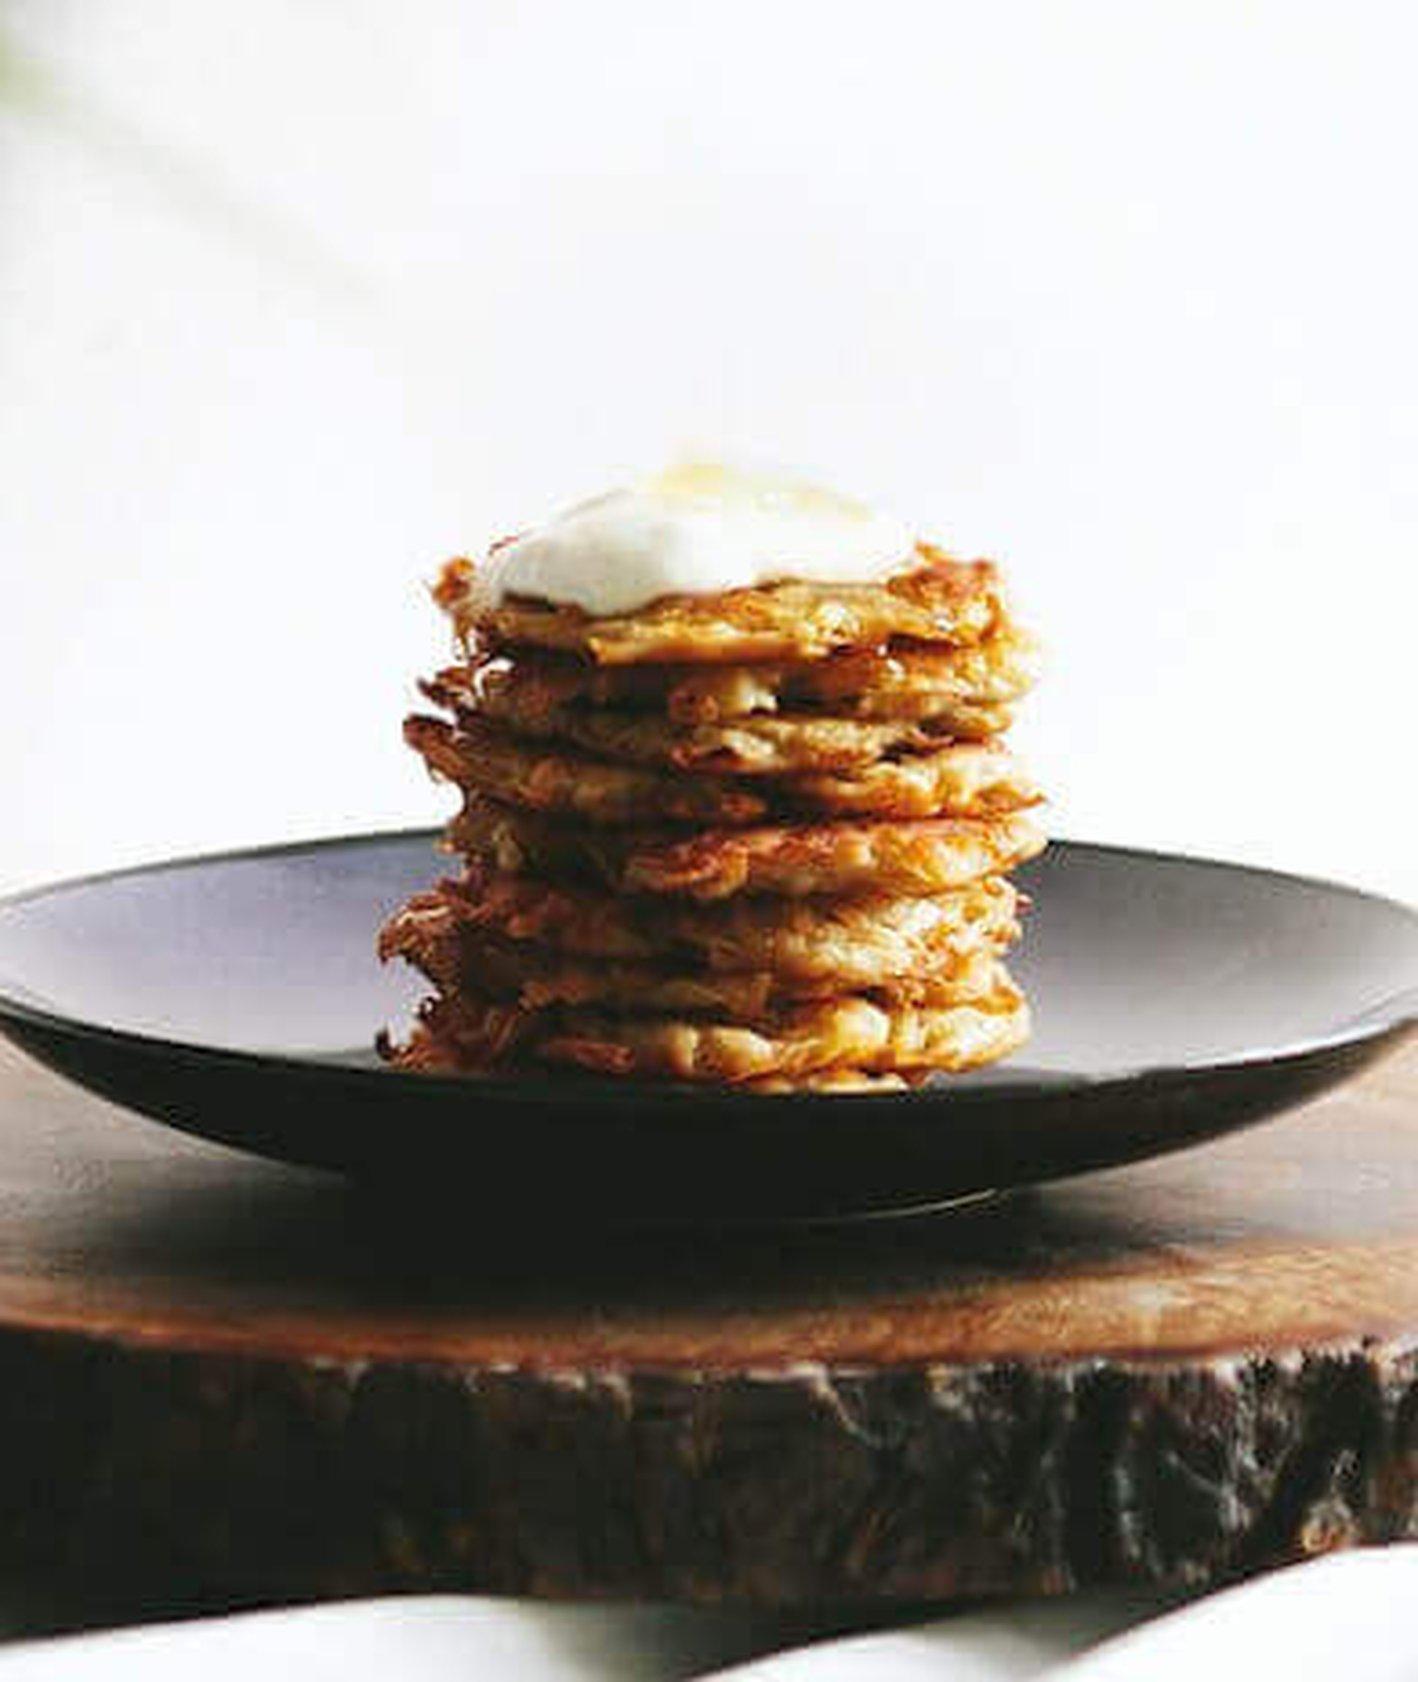 placki ziemniaczane, placki ze śmietaną, proste placki ziemniaczane, idealne placki ziemniaczane, przepis Marianna Medyńska, kuchnia polska, tradycyjna kuchnia polska, wegetariański obiad,